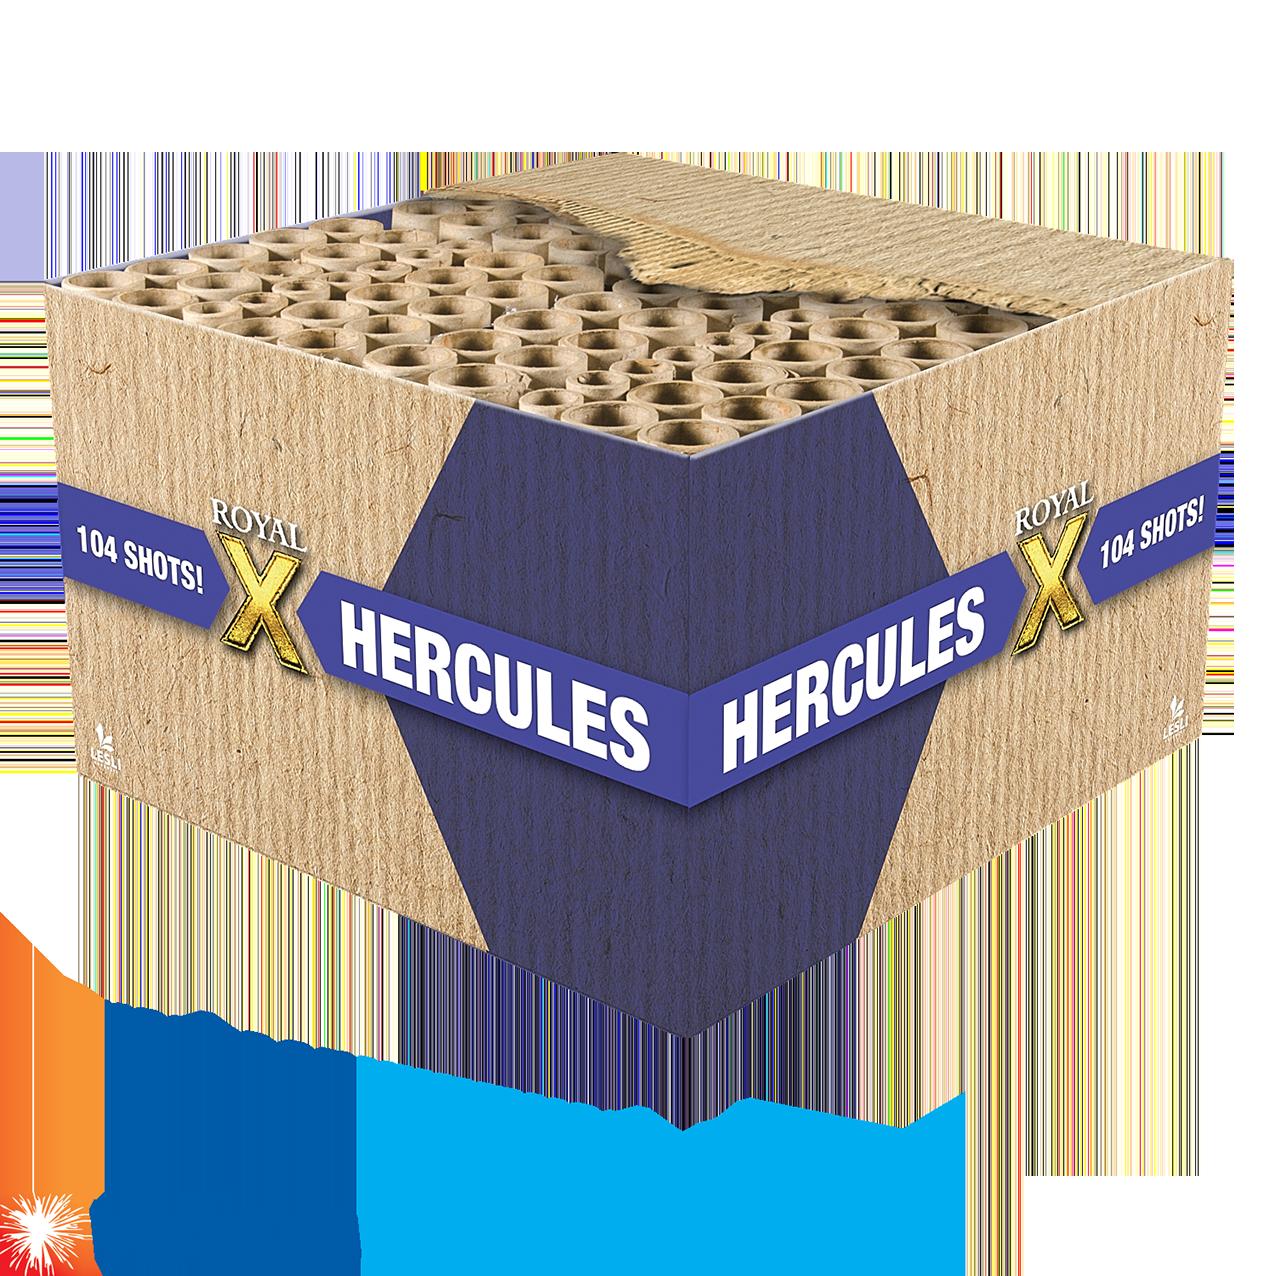 Hercules 104's